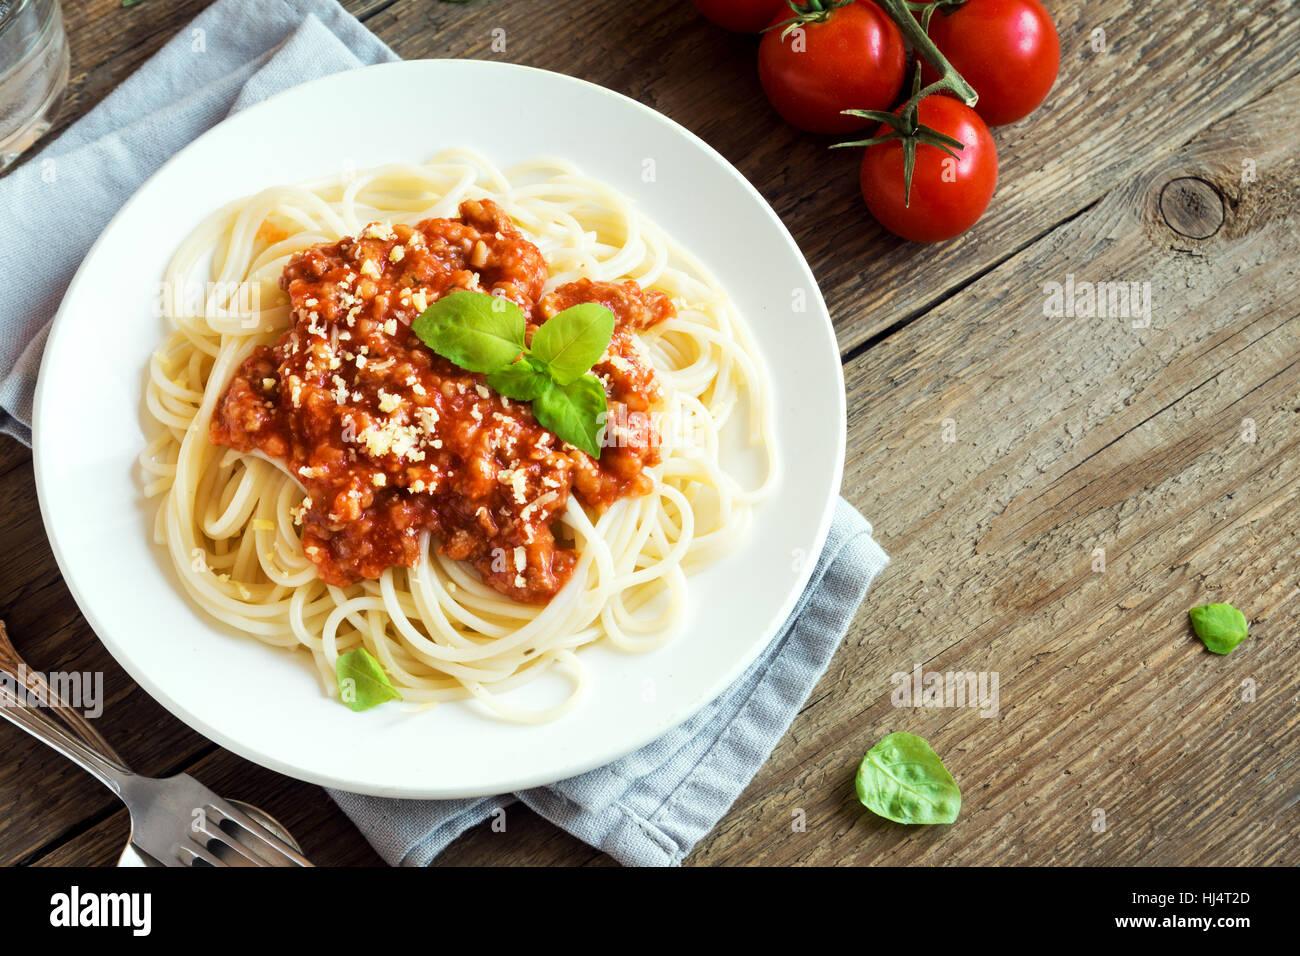 Spaghetti Bolognese Nudeln mit Tomatensauce und Hackfleisch / Faschiertes, geriebenem Parmesan und frischem Basilikum Stockbild